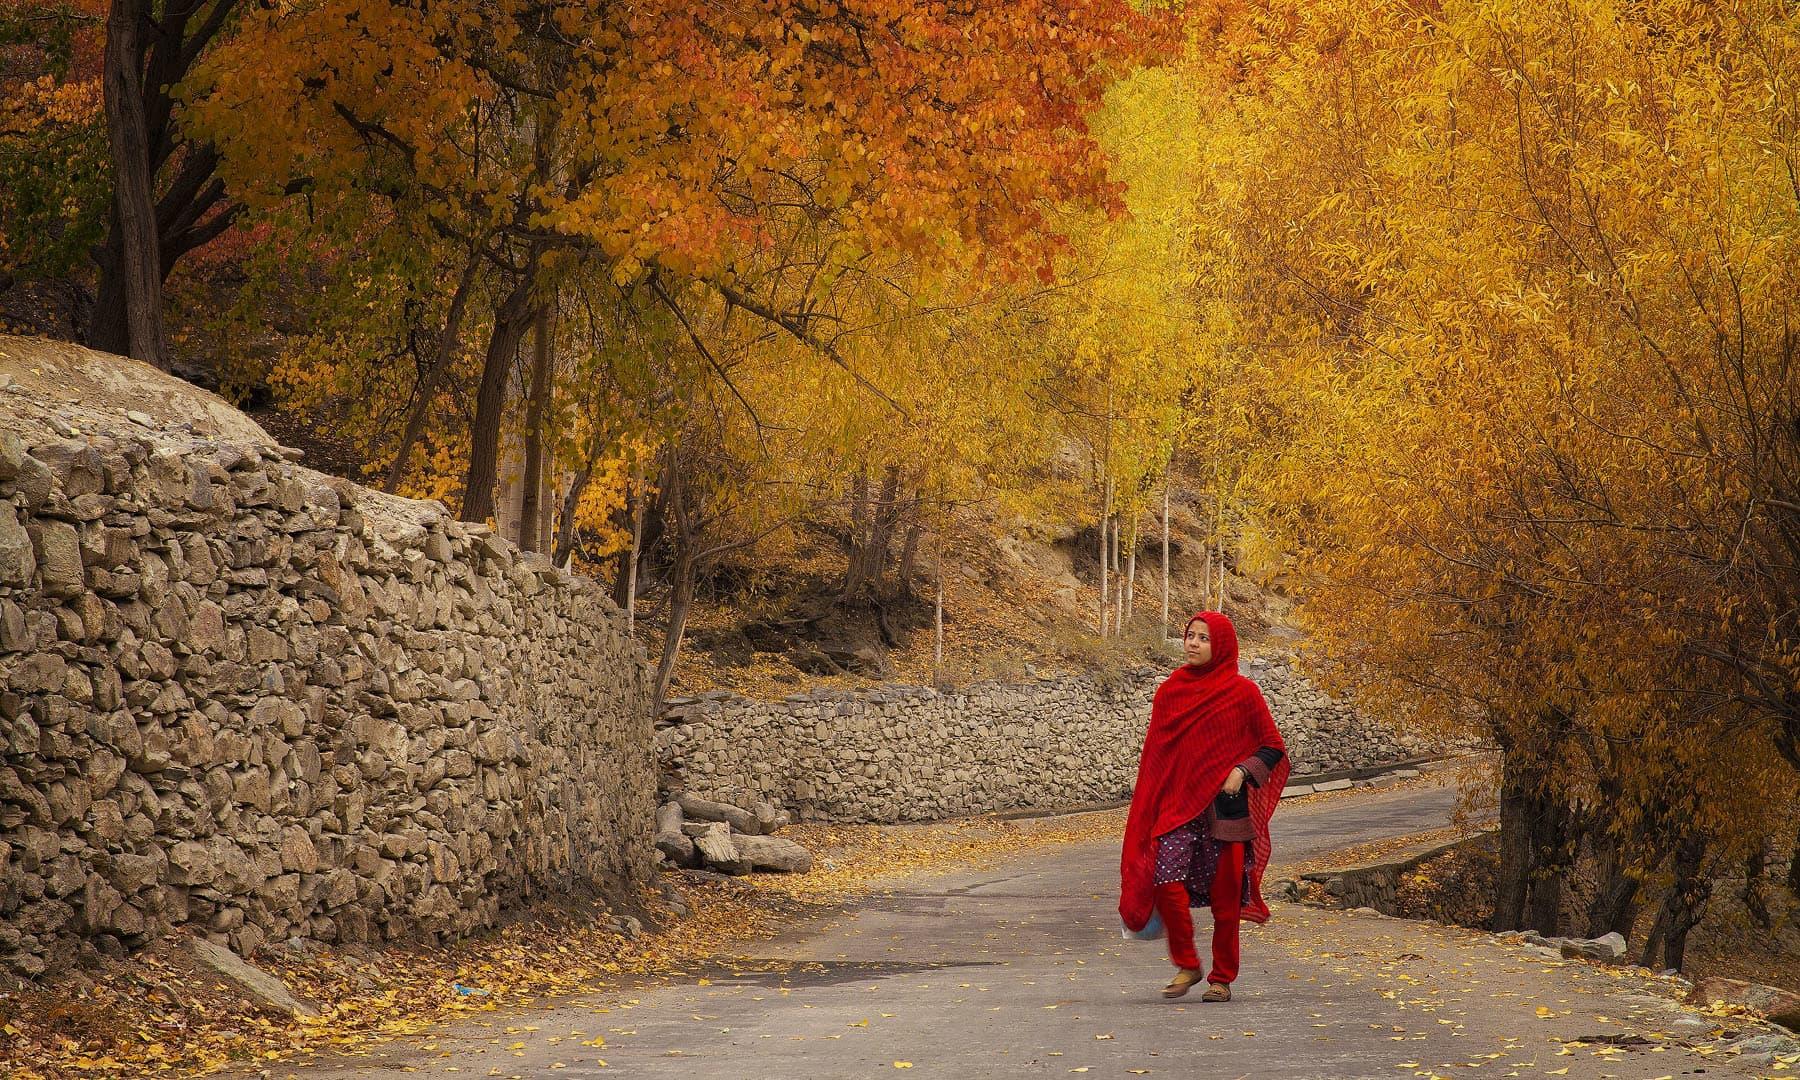 نگر خاص — فوٹو سید مہدی بخاری